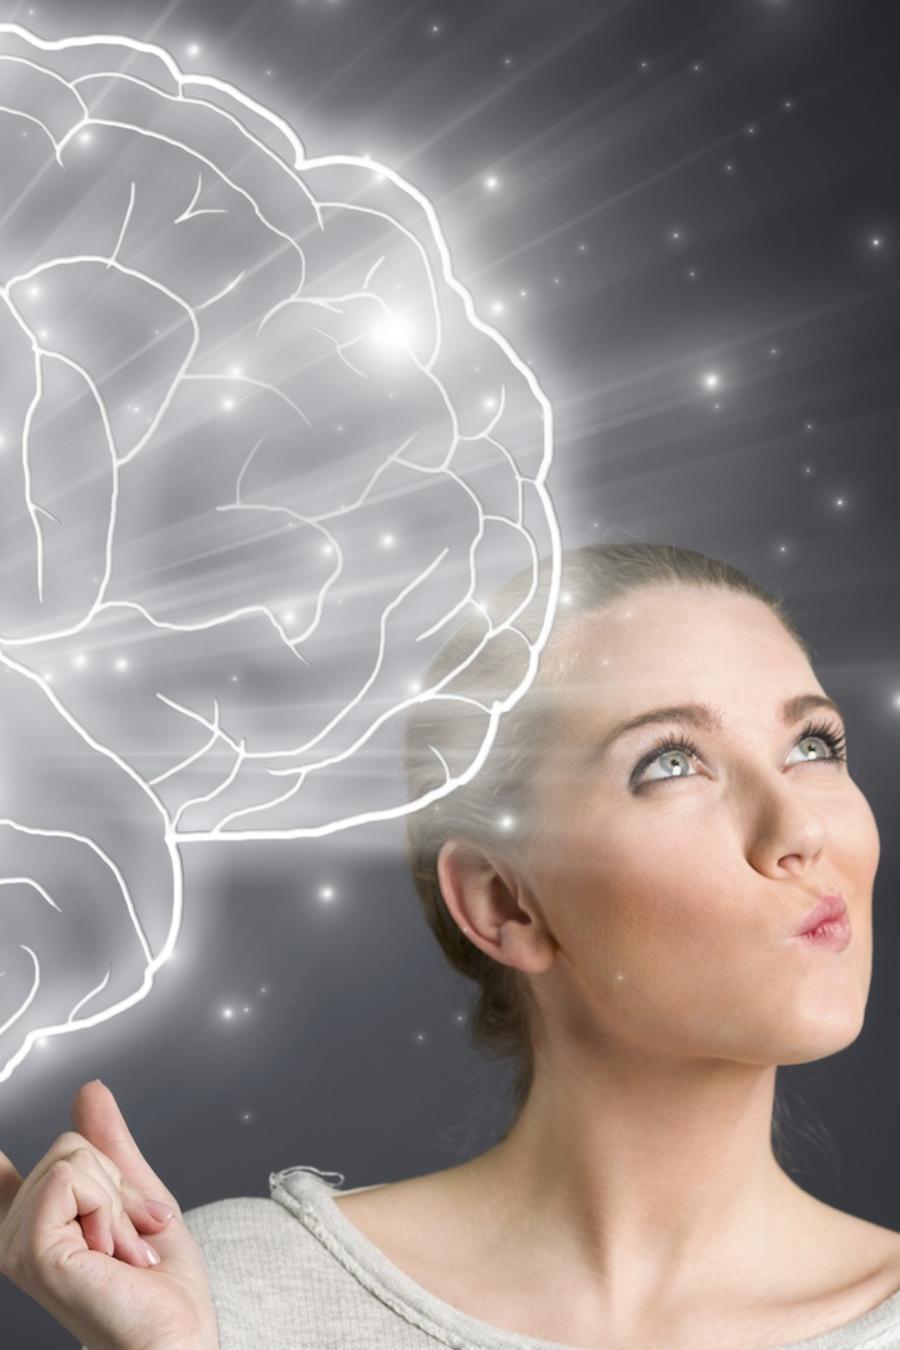 Mujer con imagen del cerebro humano